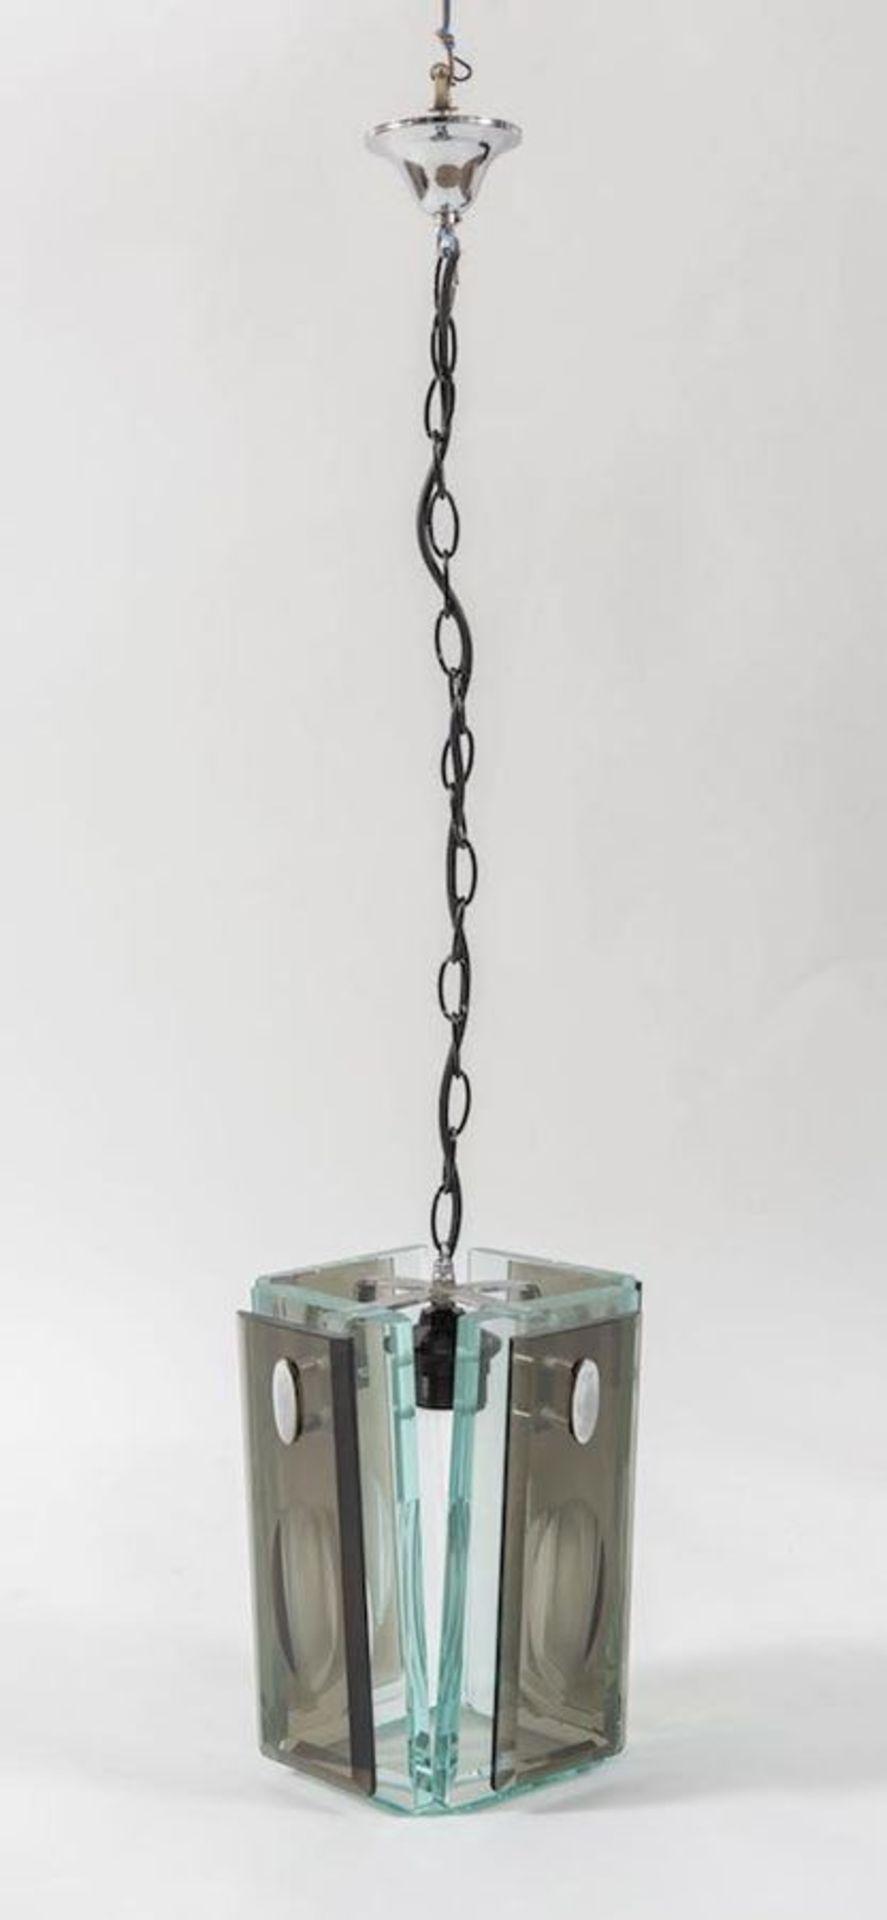 Lampadario in vetro molato con struttura in metallo. Prod. Italia, 1970 ca. Cm 100x24x24.